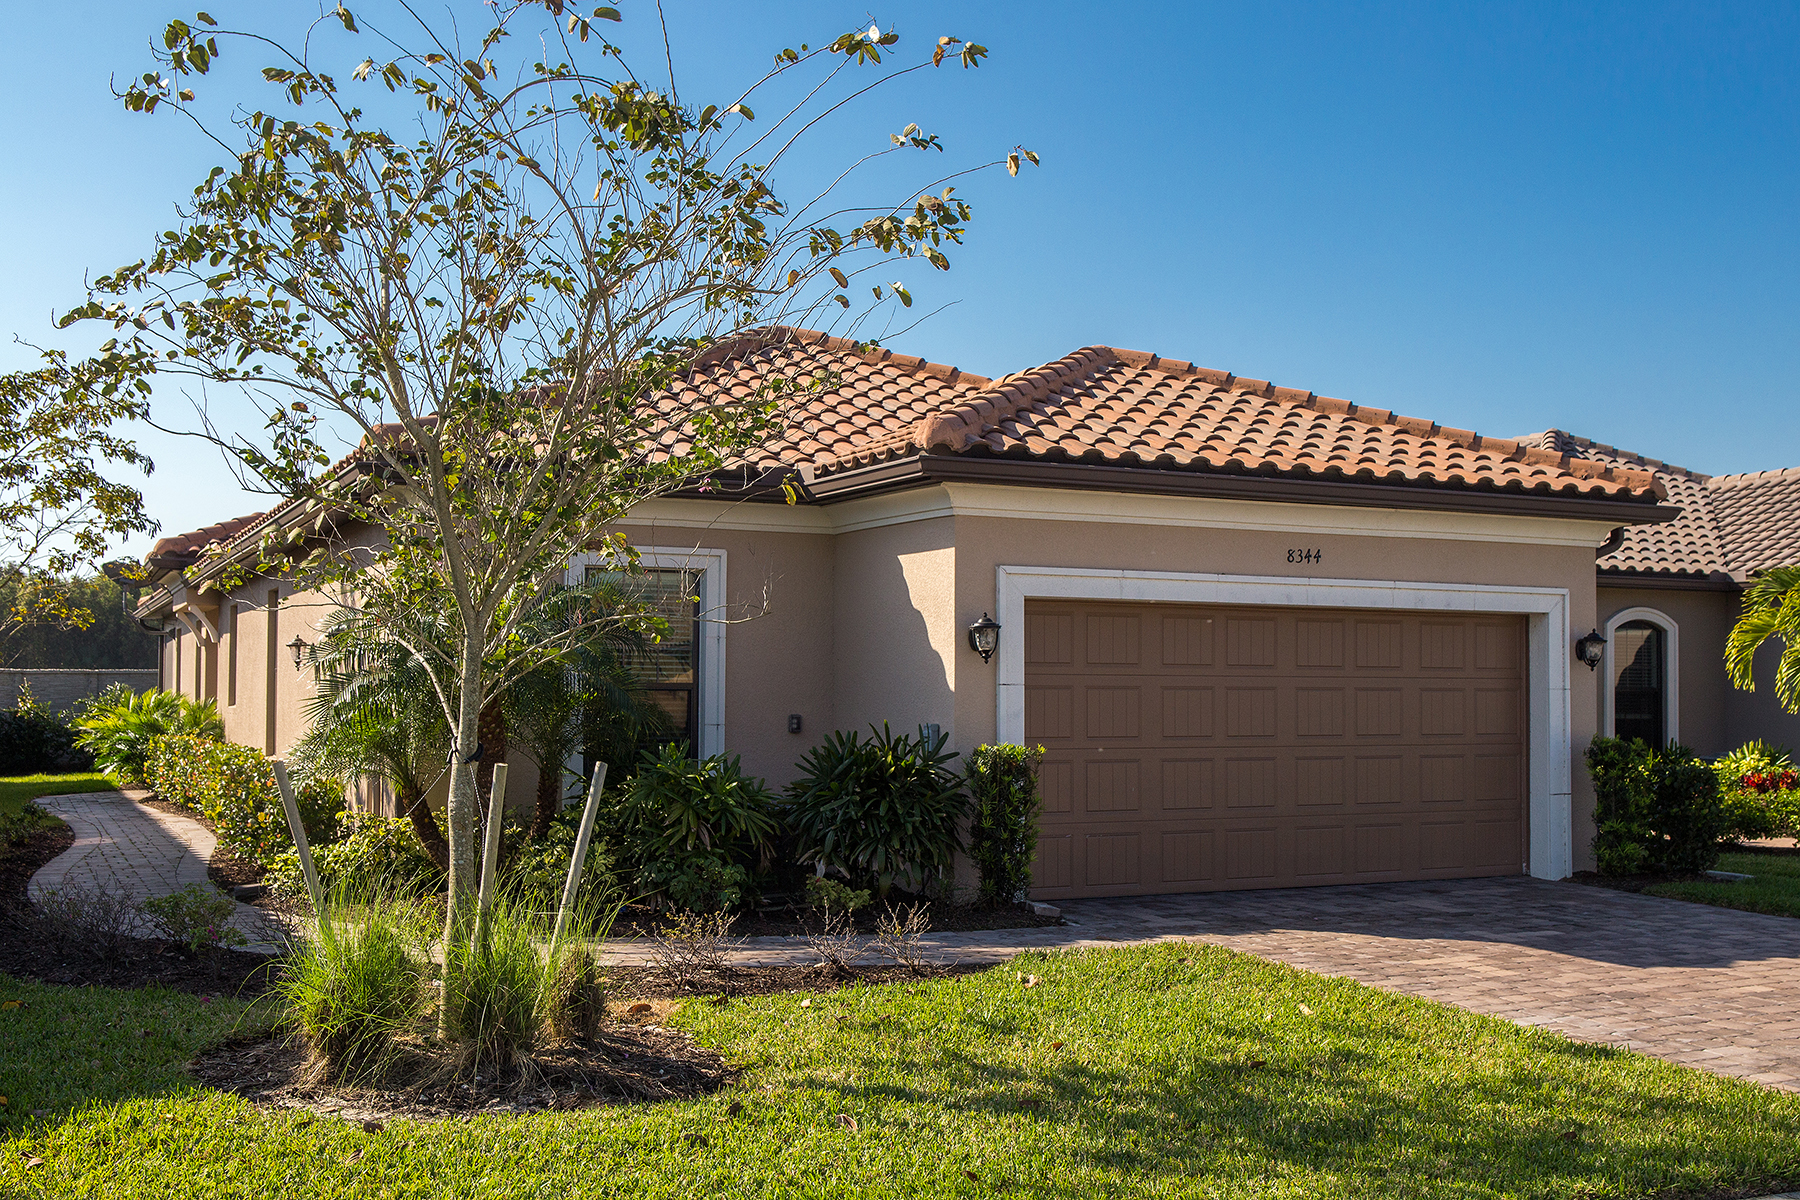 Maison unifamiliale pour l Vente à ESPLANADE AT HACIENDA LAKES 8344 Lucello N Naples, Florida, 34114 États-Unis